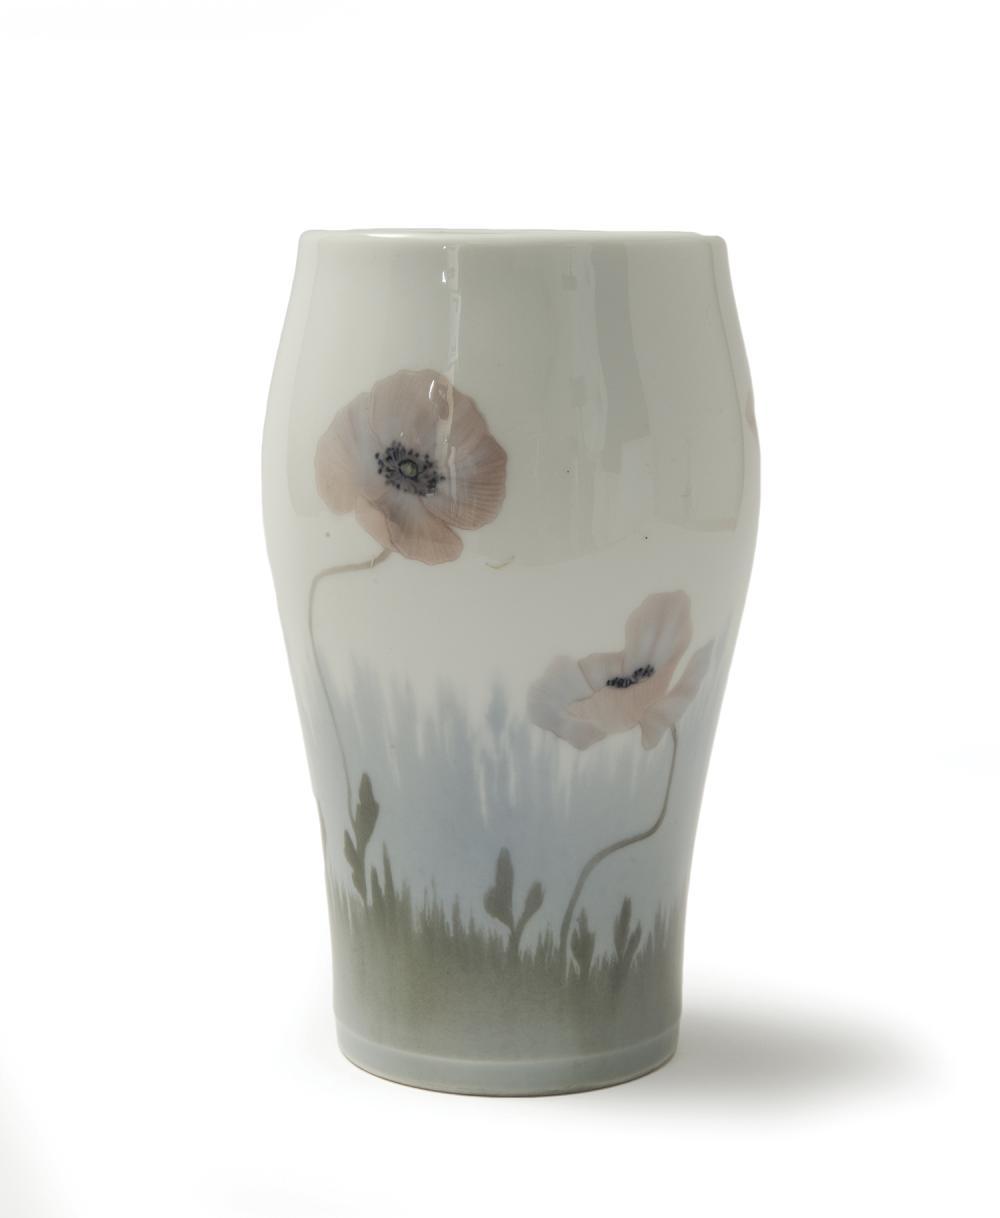 royal copenhague vase cylindrique renfl en porcelaine mot. Black Bedroom Furniture Sets. Home Design Ideas